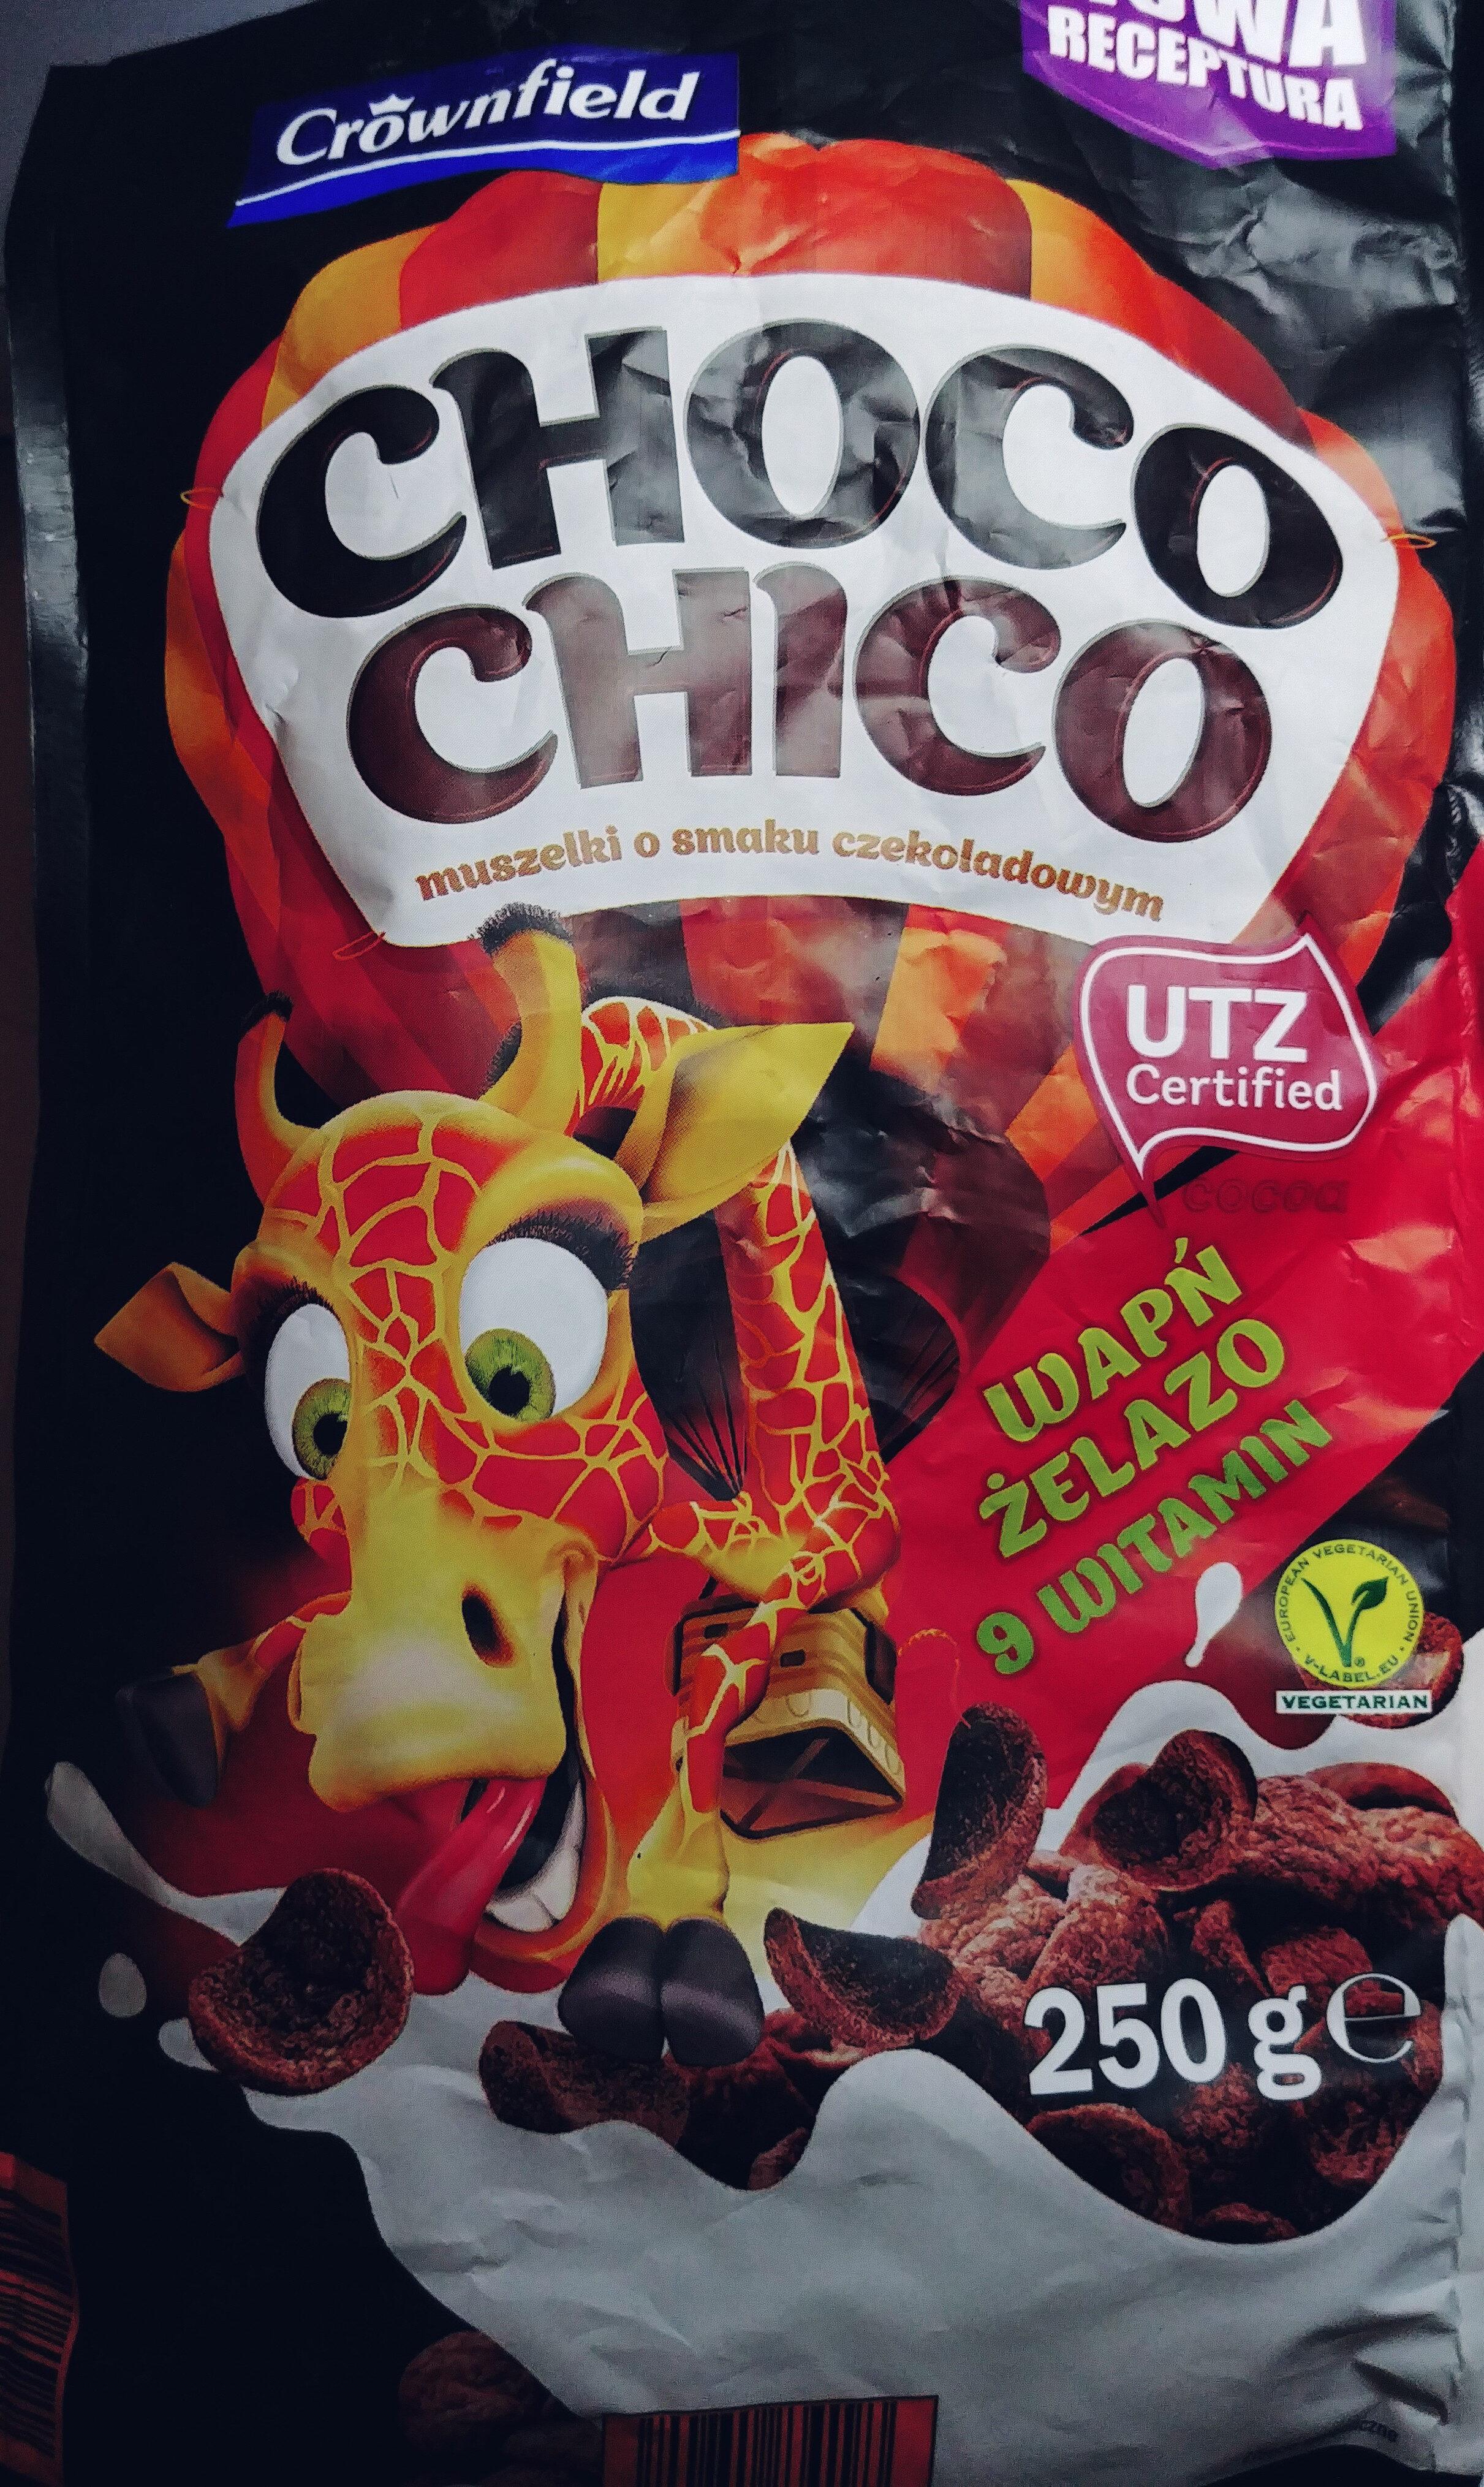 Muszelki zbożowe o smaku czekoladowym wzbogacone w 9 witamin, wapń i żelazo. - Produkt